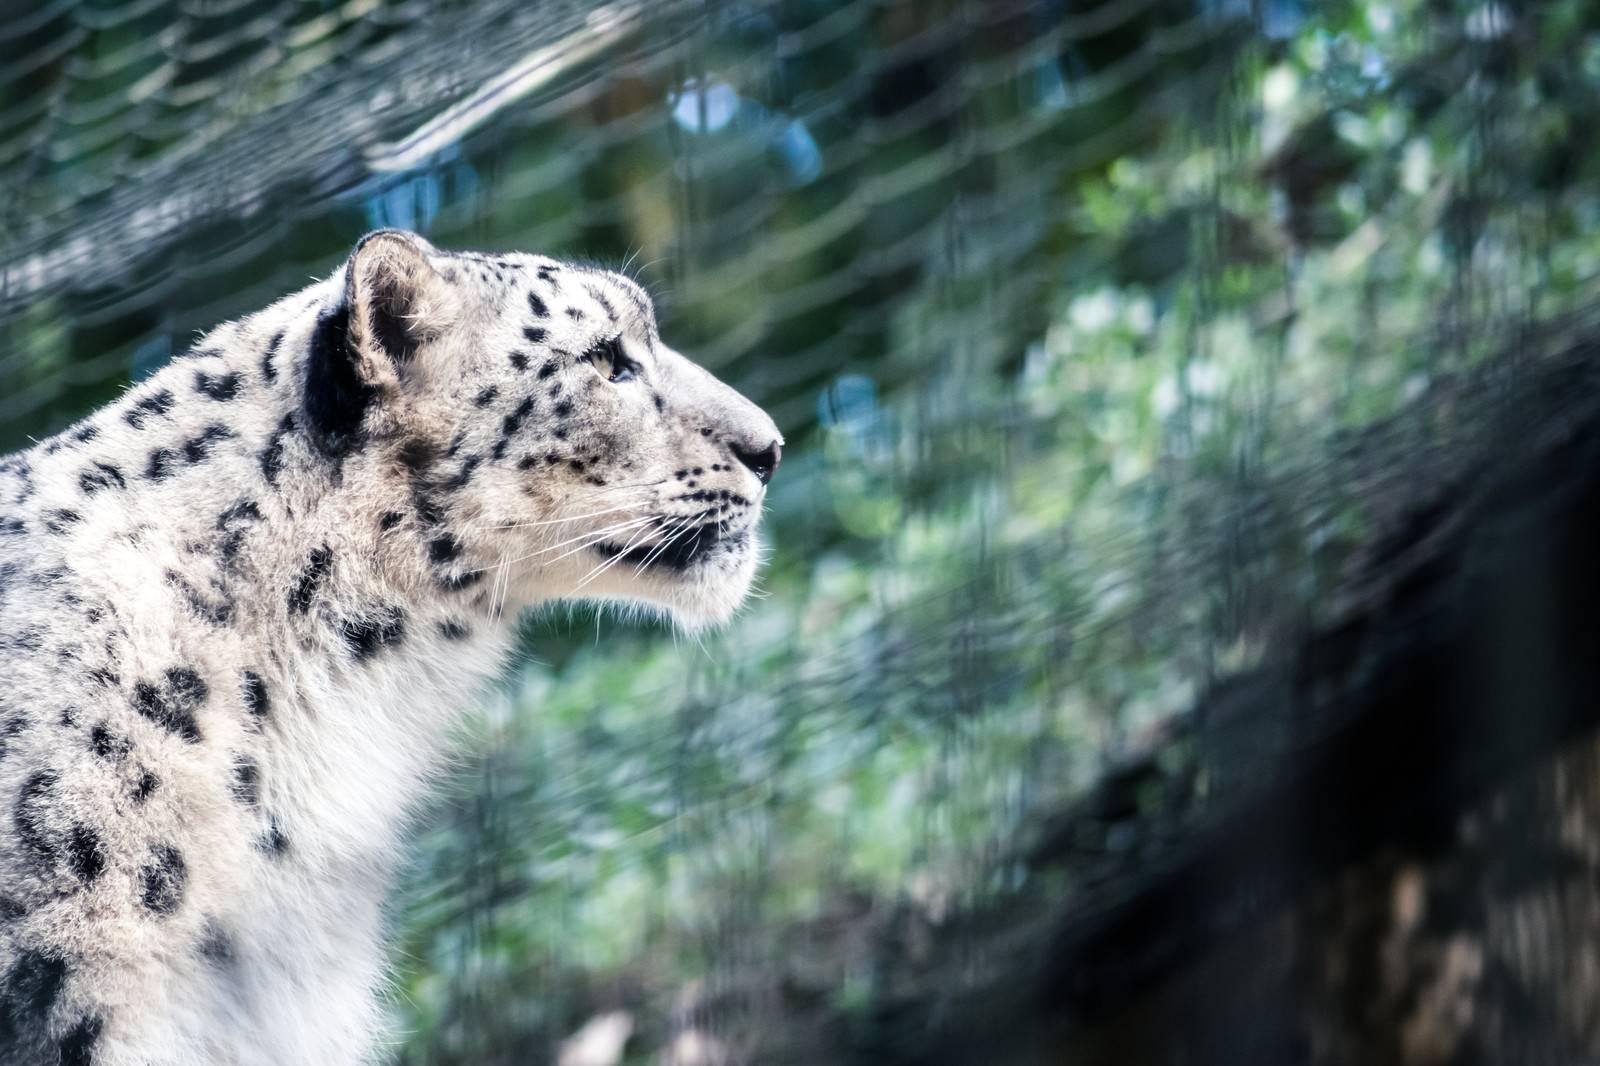 「ジャガーの横顔ジャガーの横顔」のフリー写真素材を拡大